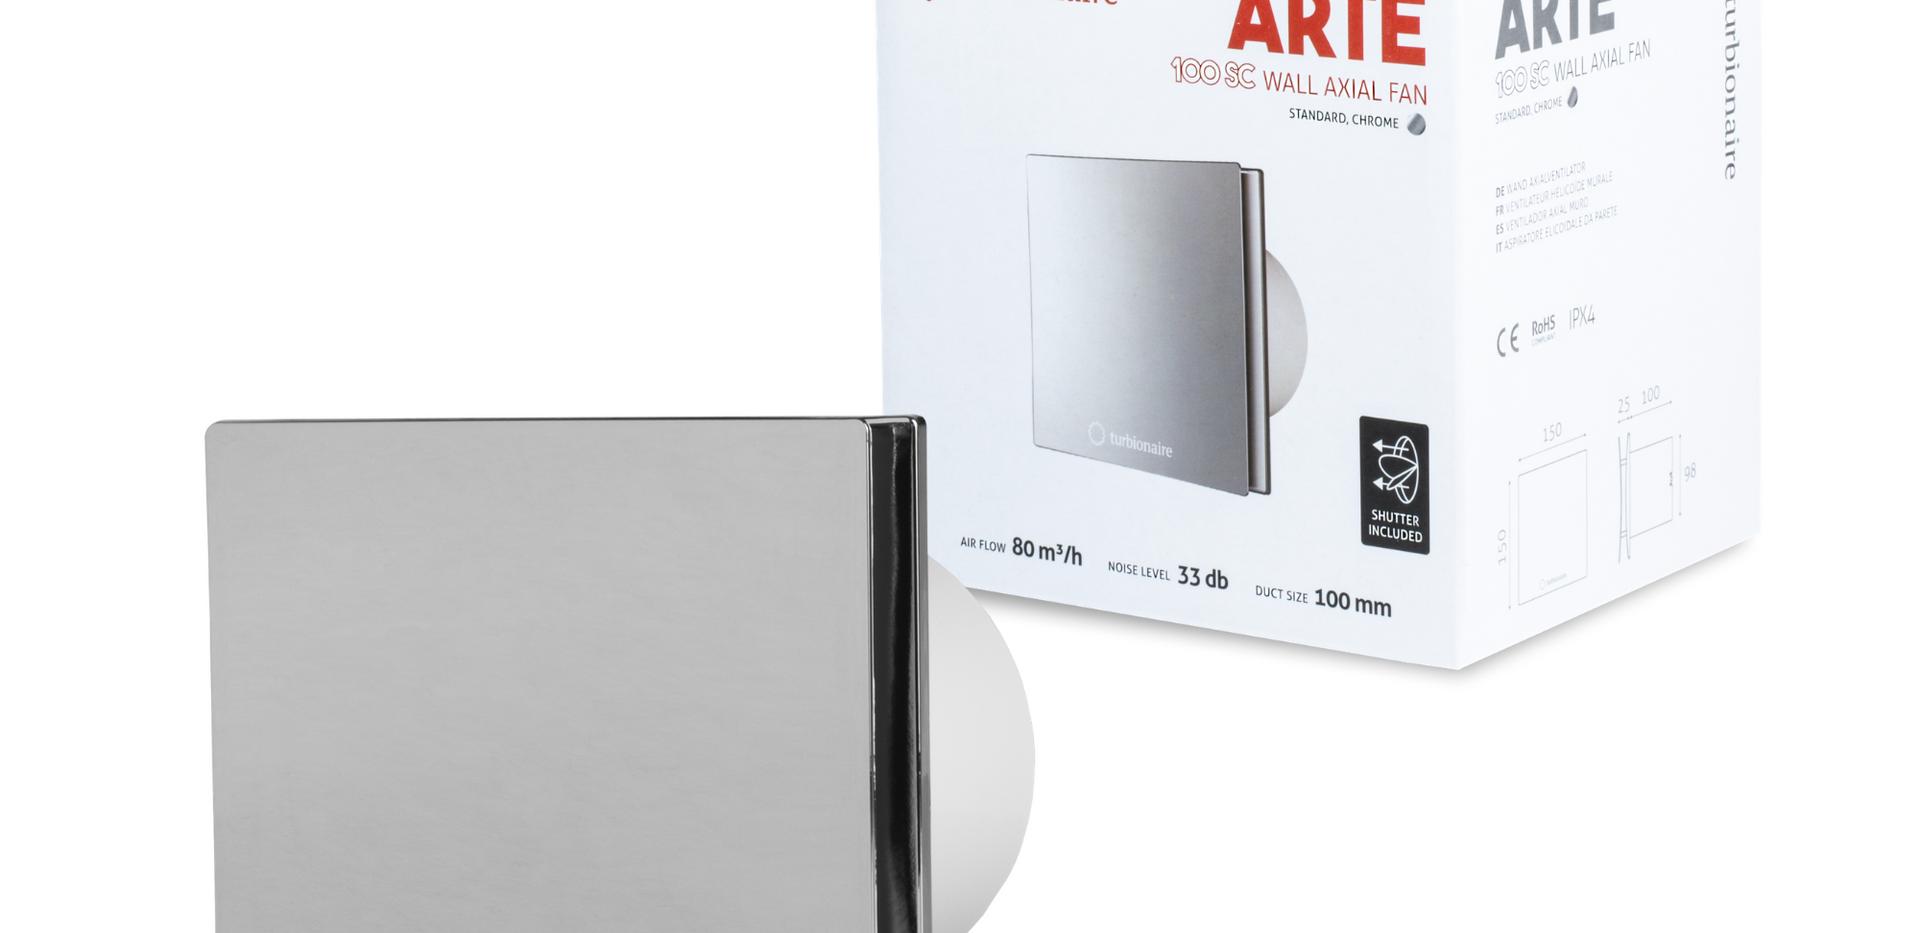 ARTE 100 SC